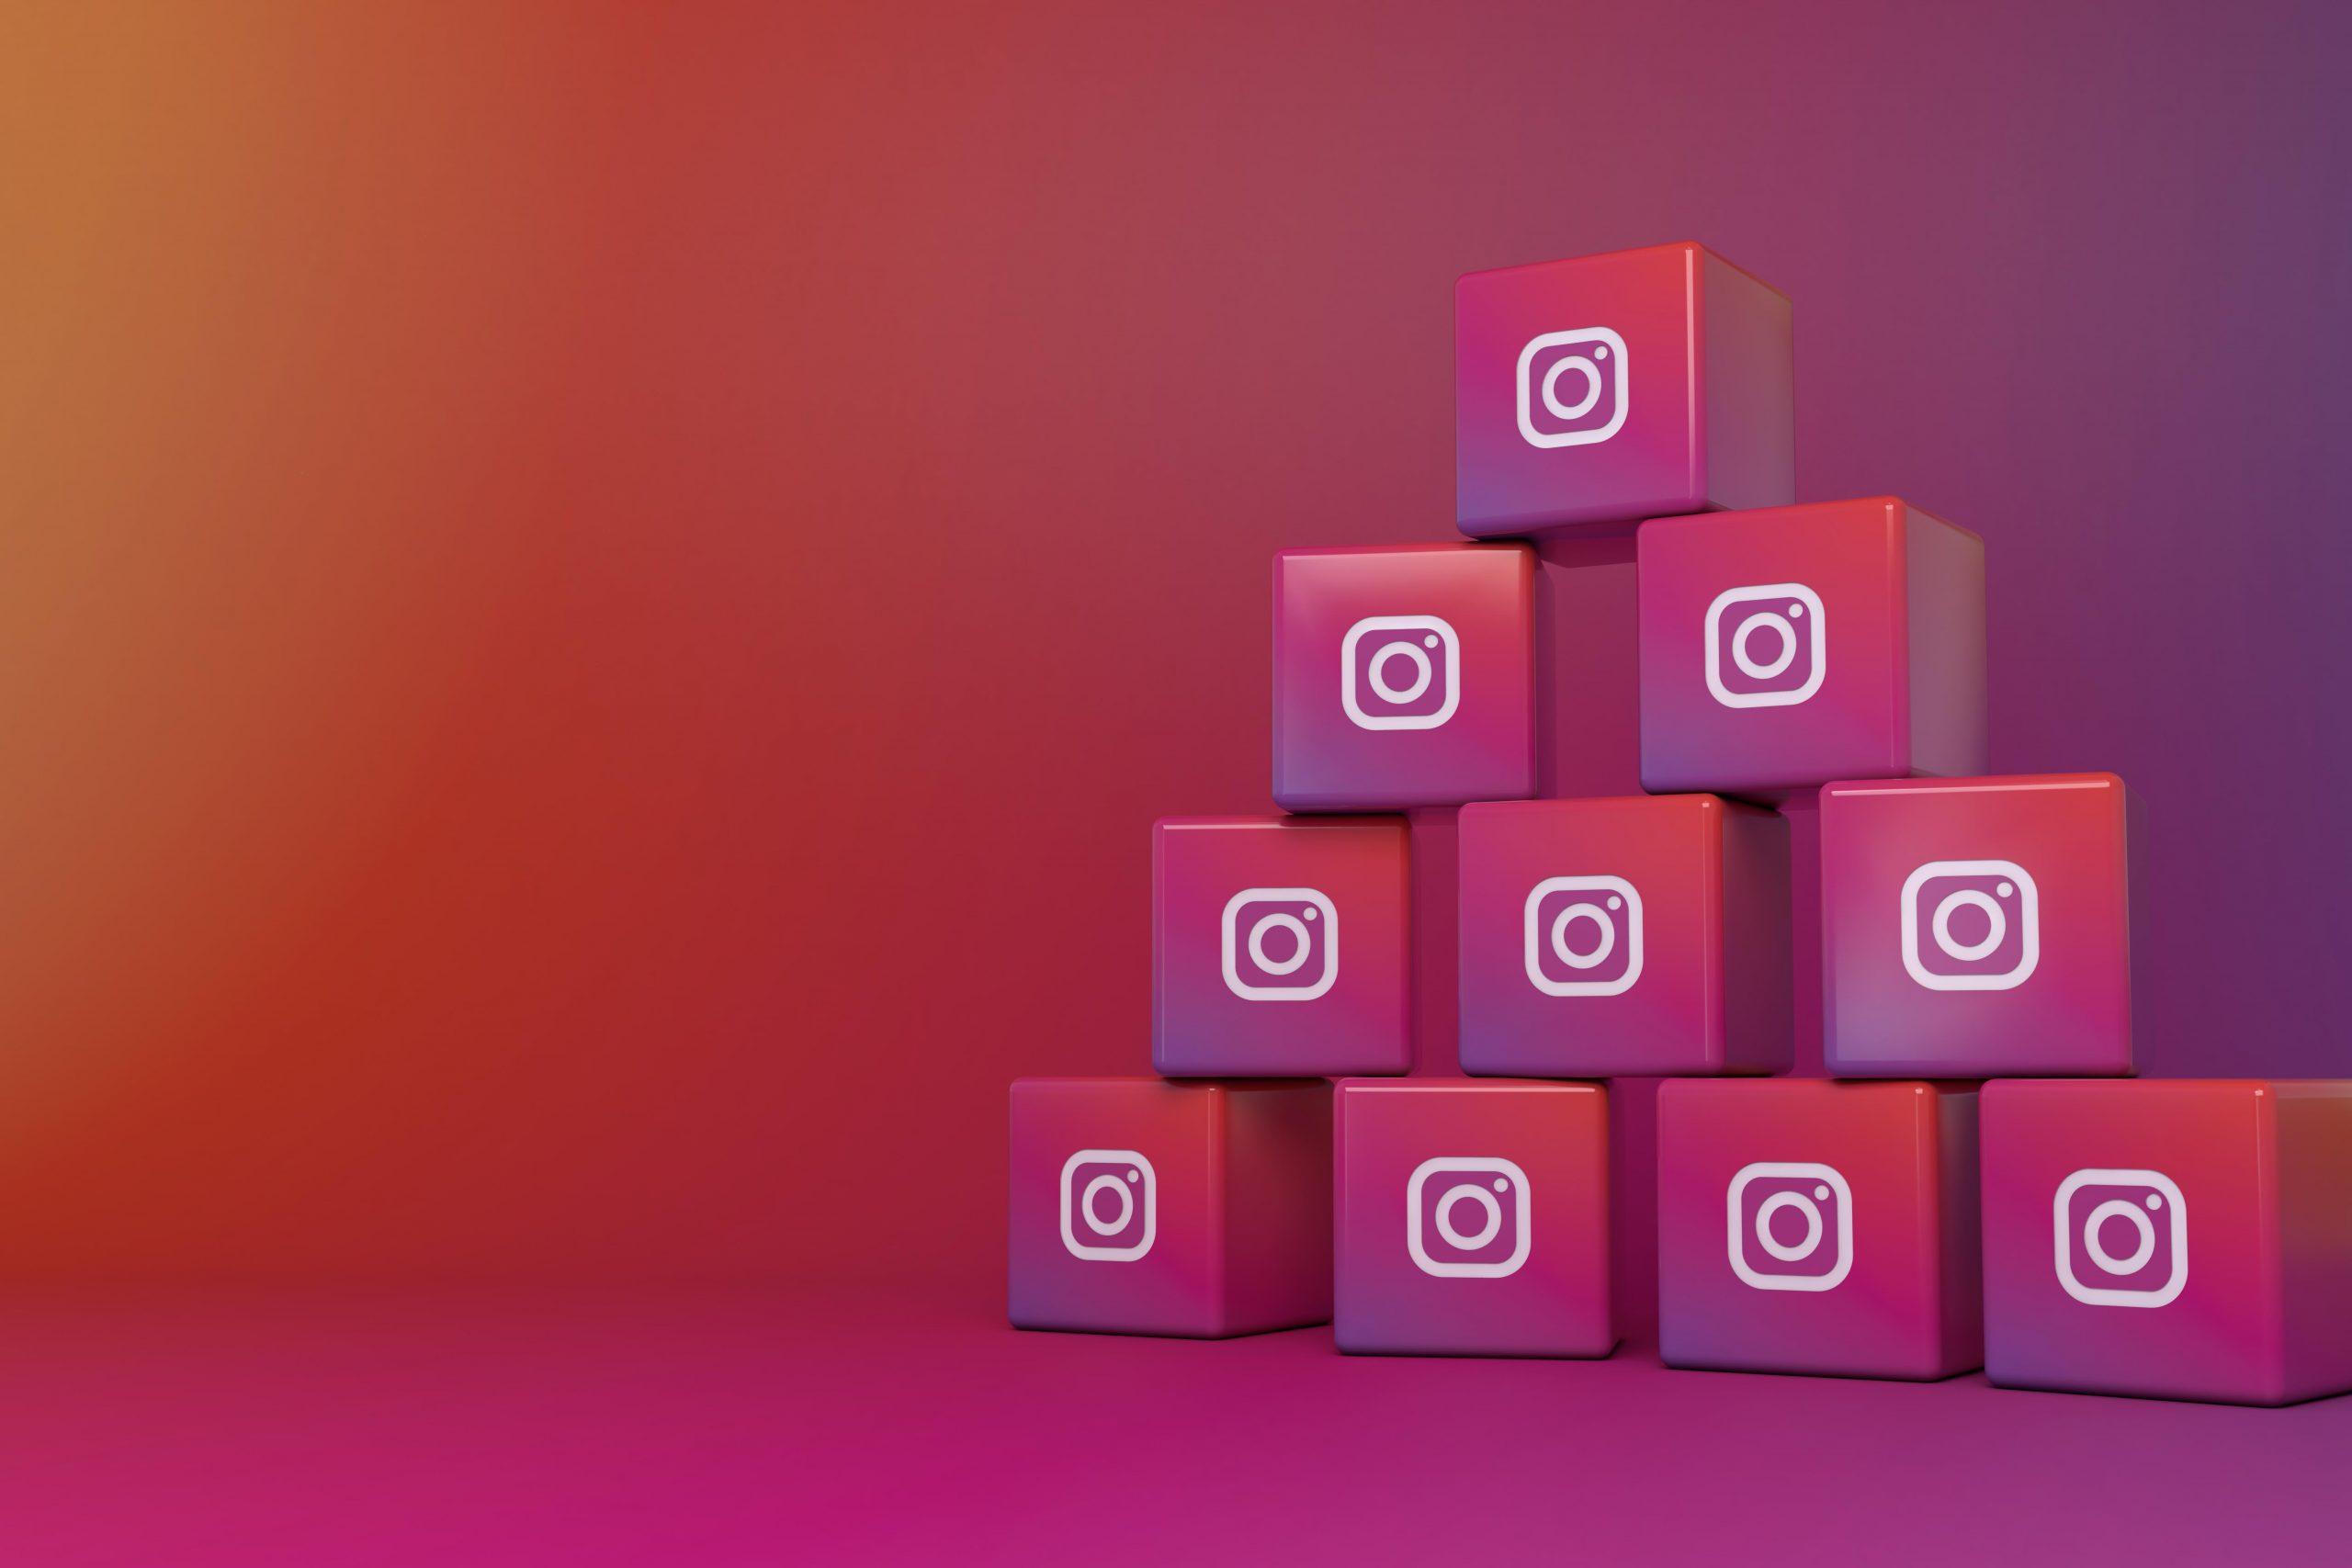 Cinco tipos de Stories para aumentar o engajamento no Instagram